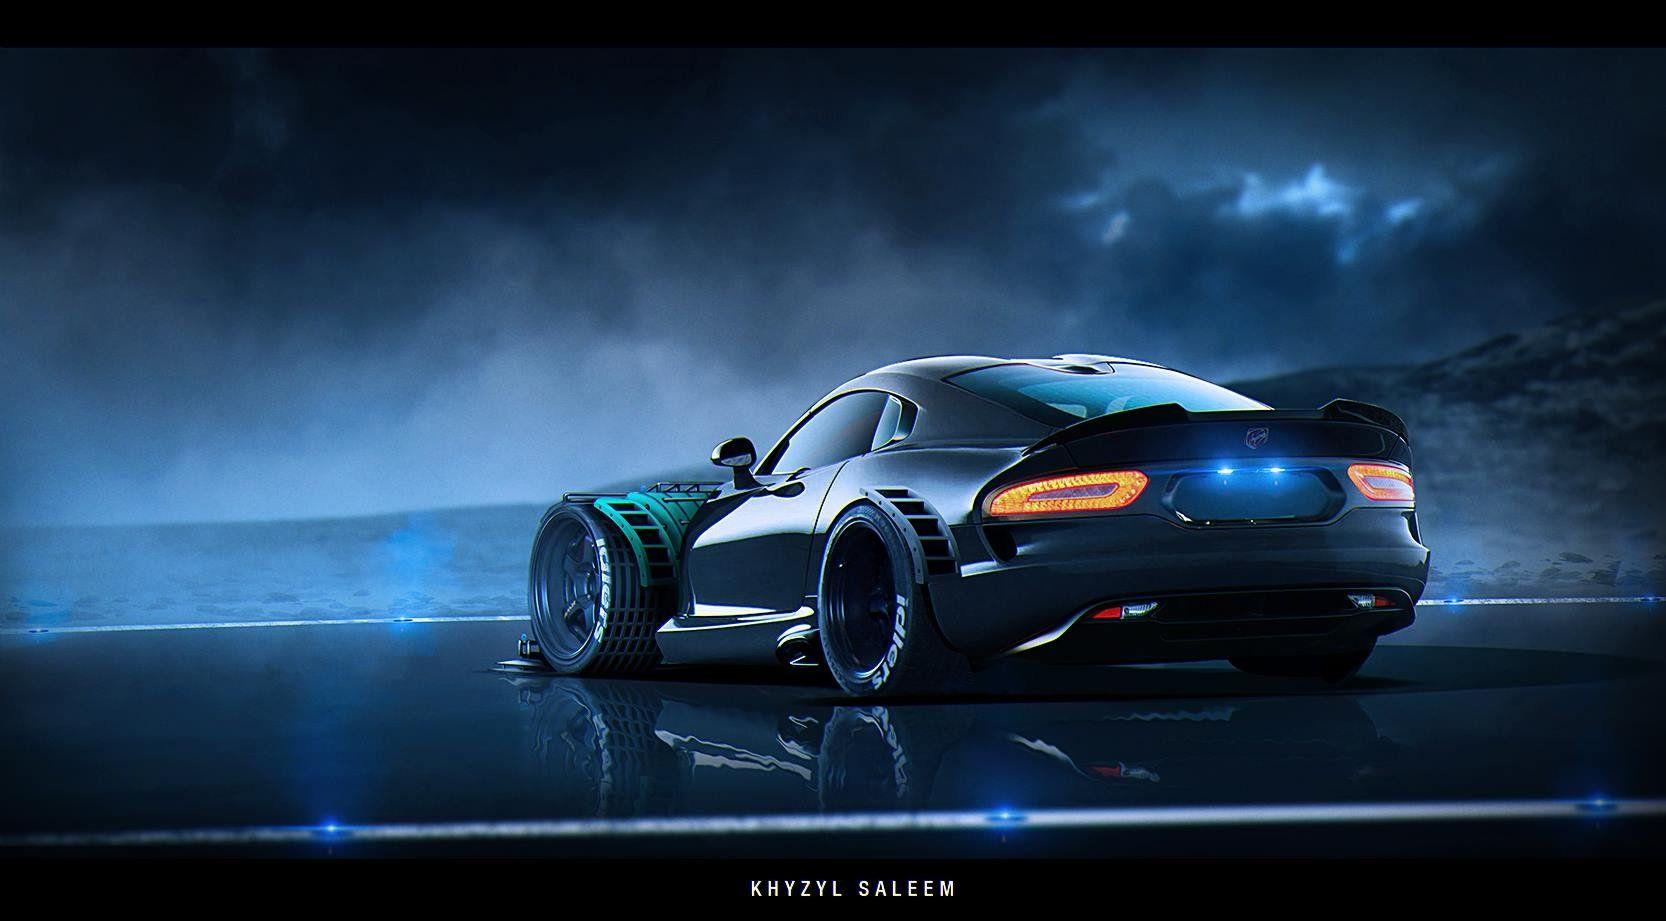 Conceptual Car Designs By Khyzyl Saleem Dodge Viper Unique Cars Concept Cars